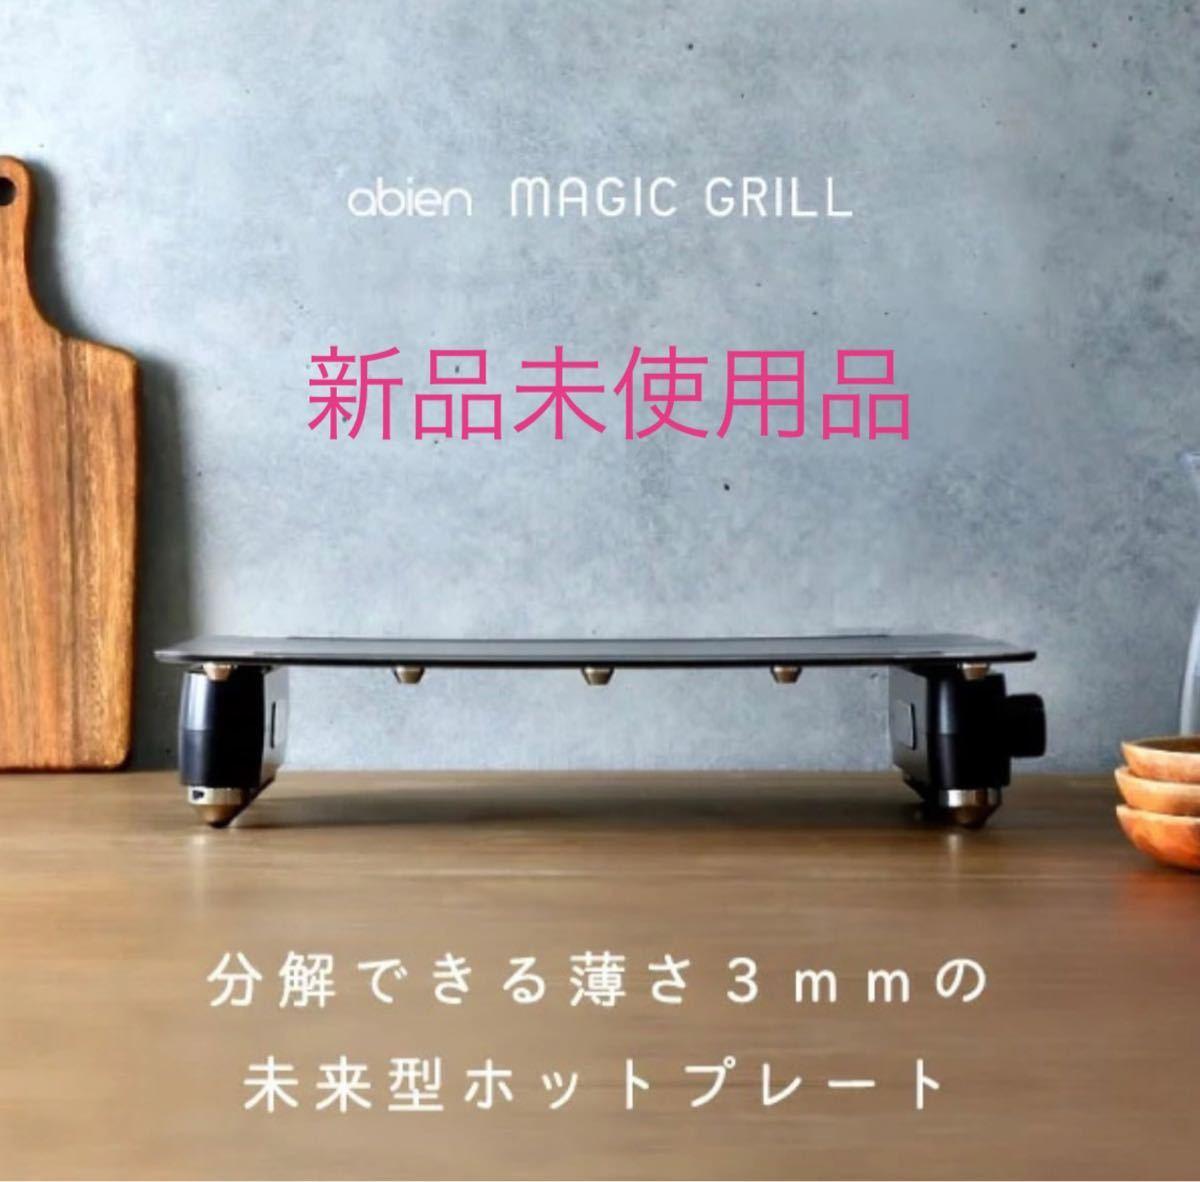 アビエンマジックグリル( abien MAGIC GRILL) ホットプレート 新品・未使用品